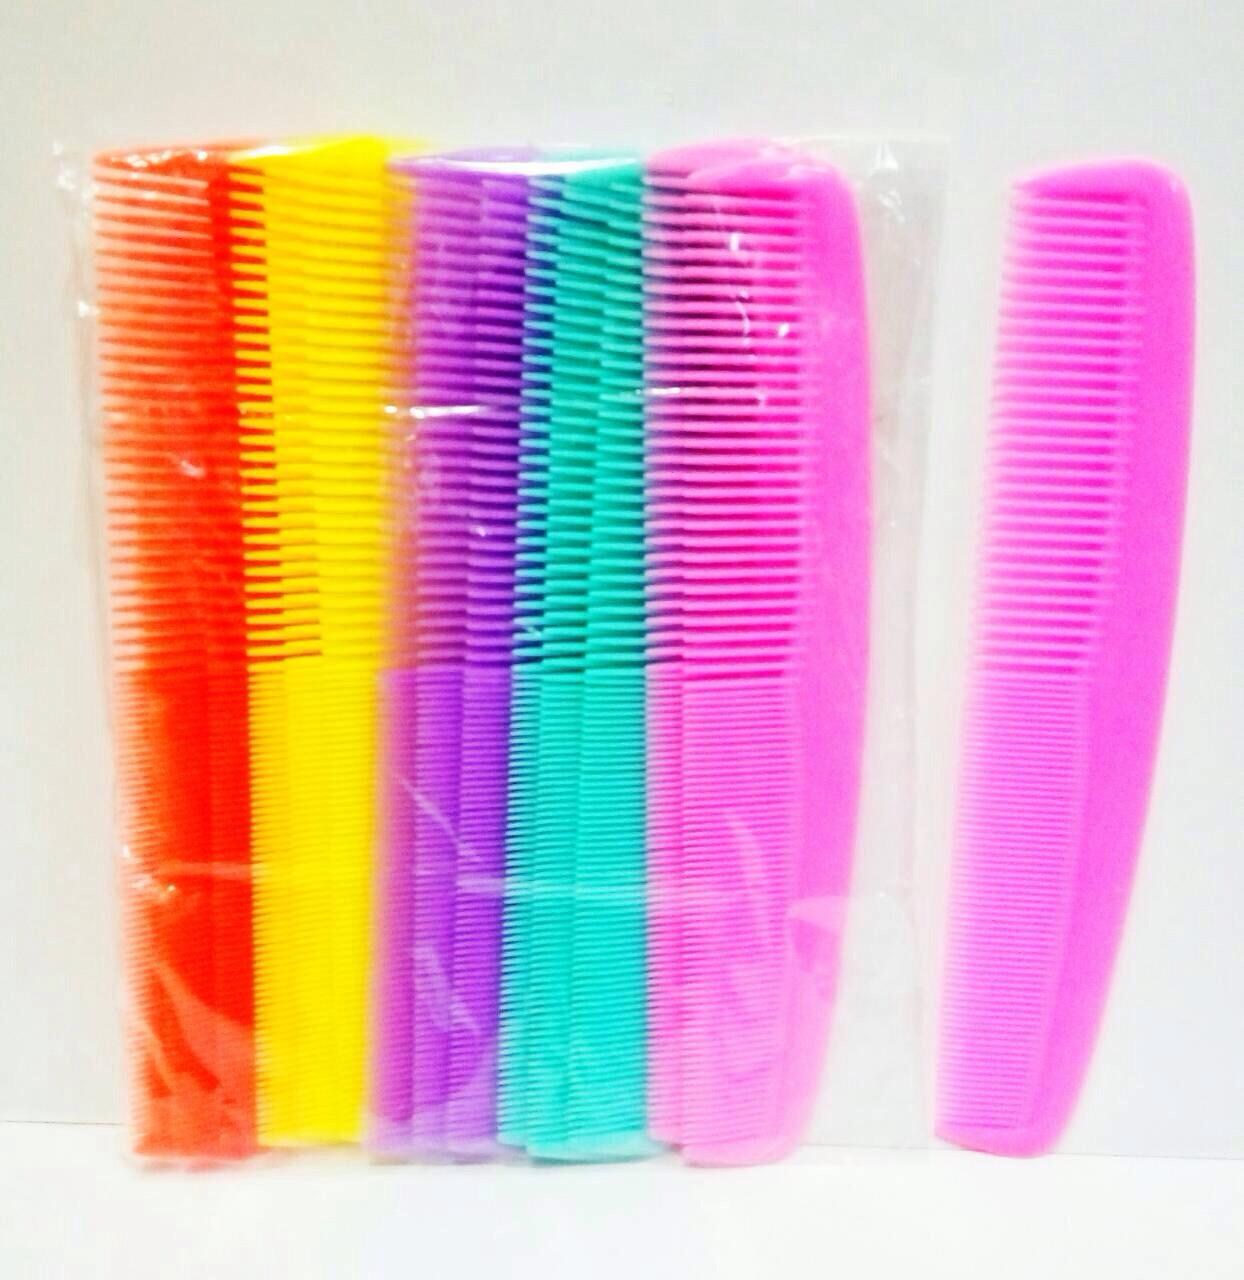 Расчёска-гребень с комбинированными зубцами, 25шт.